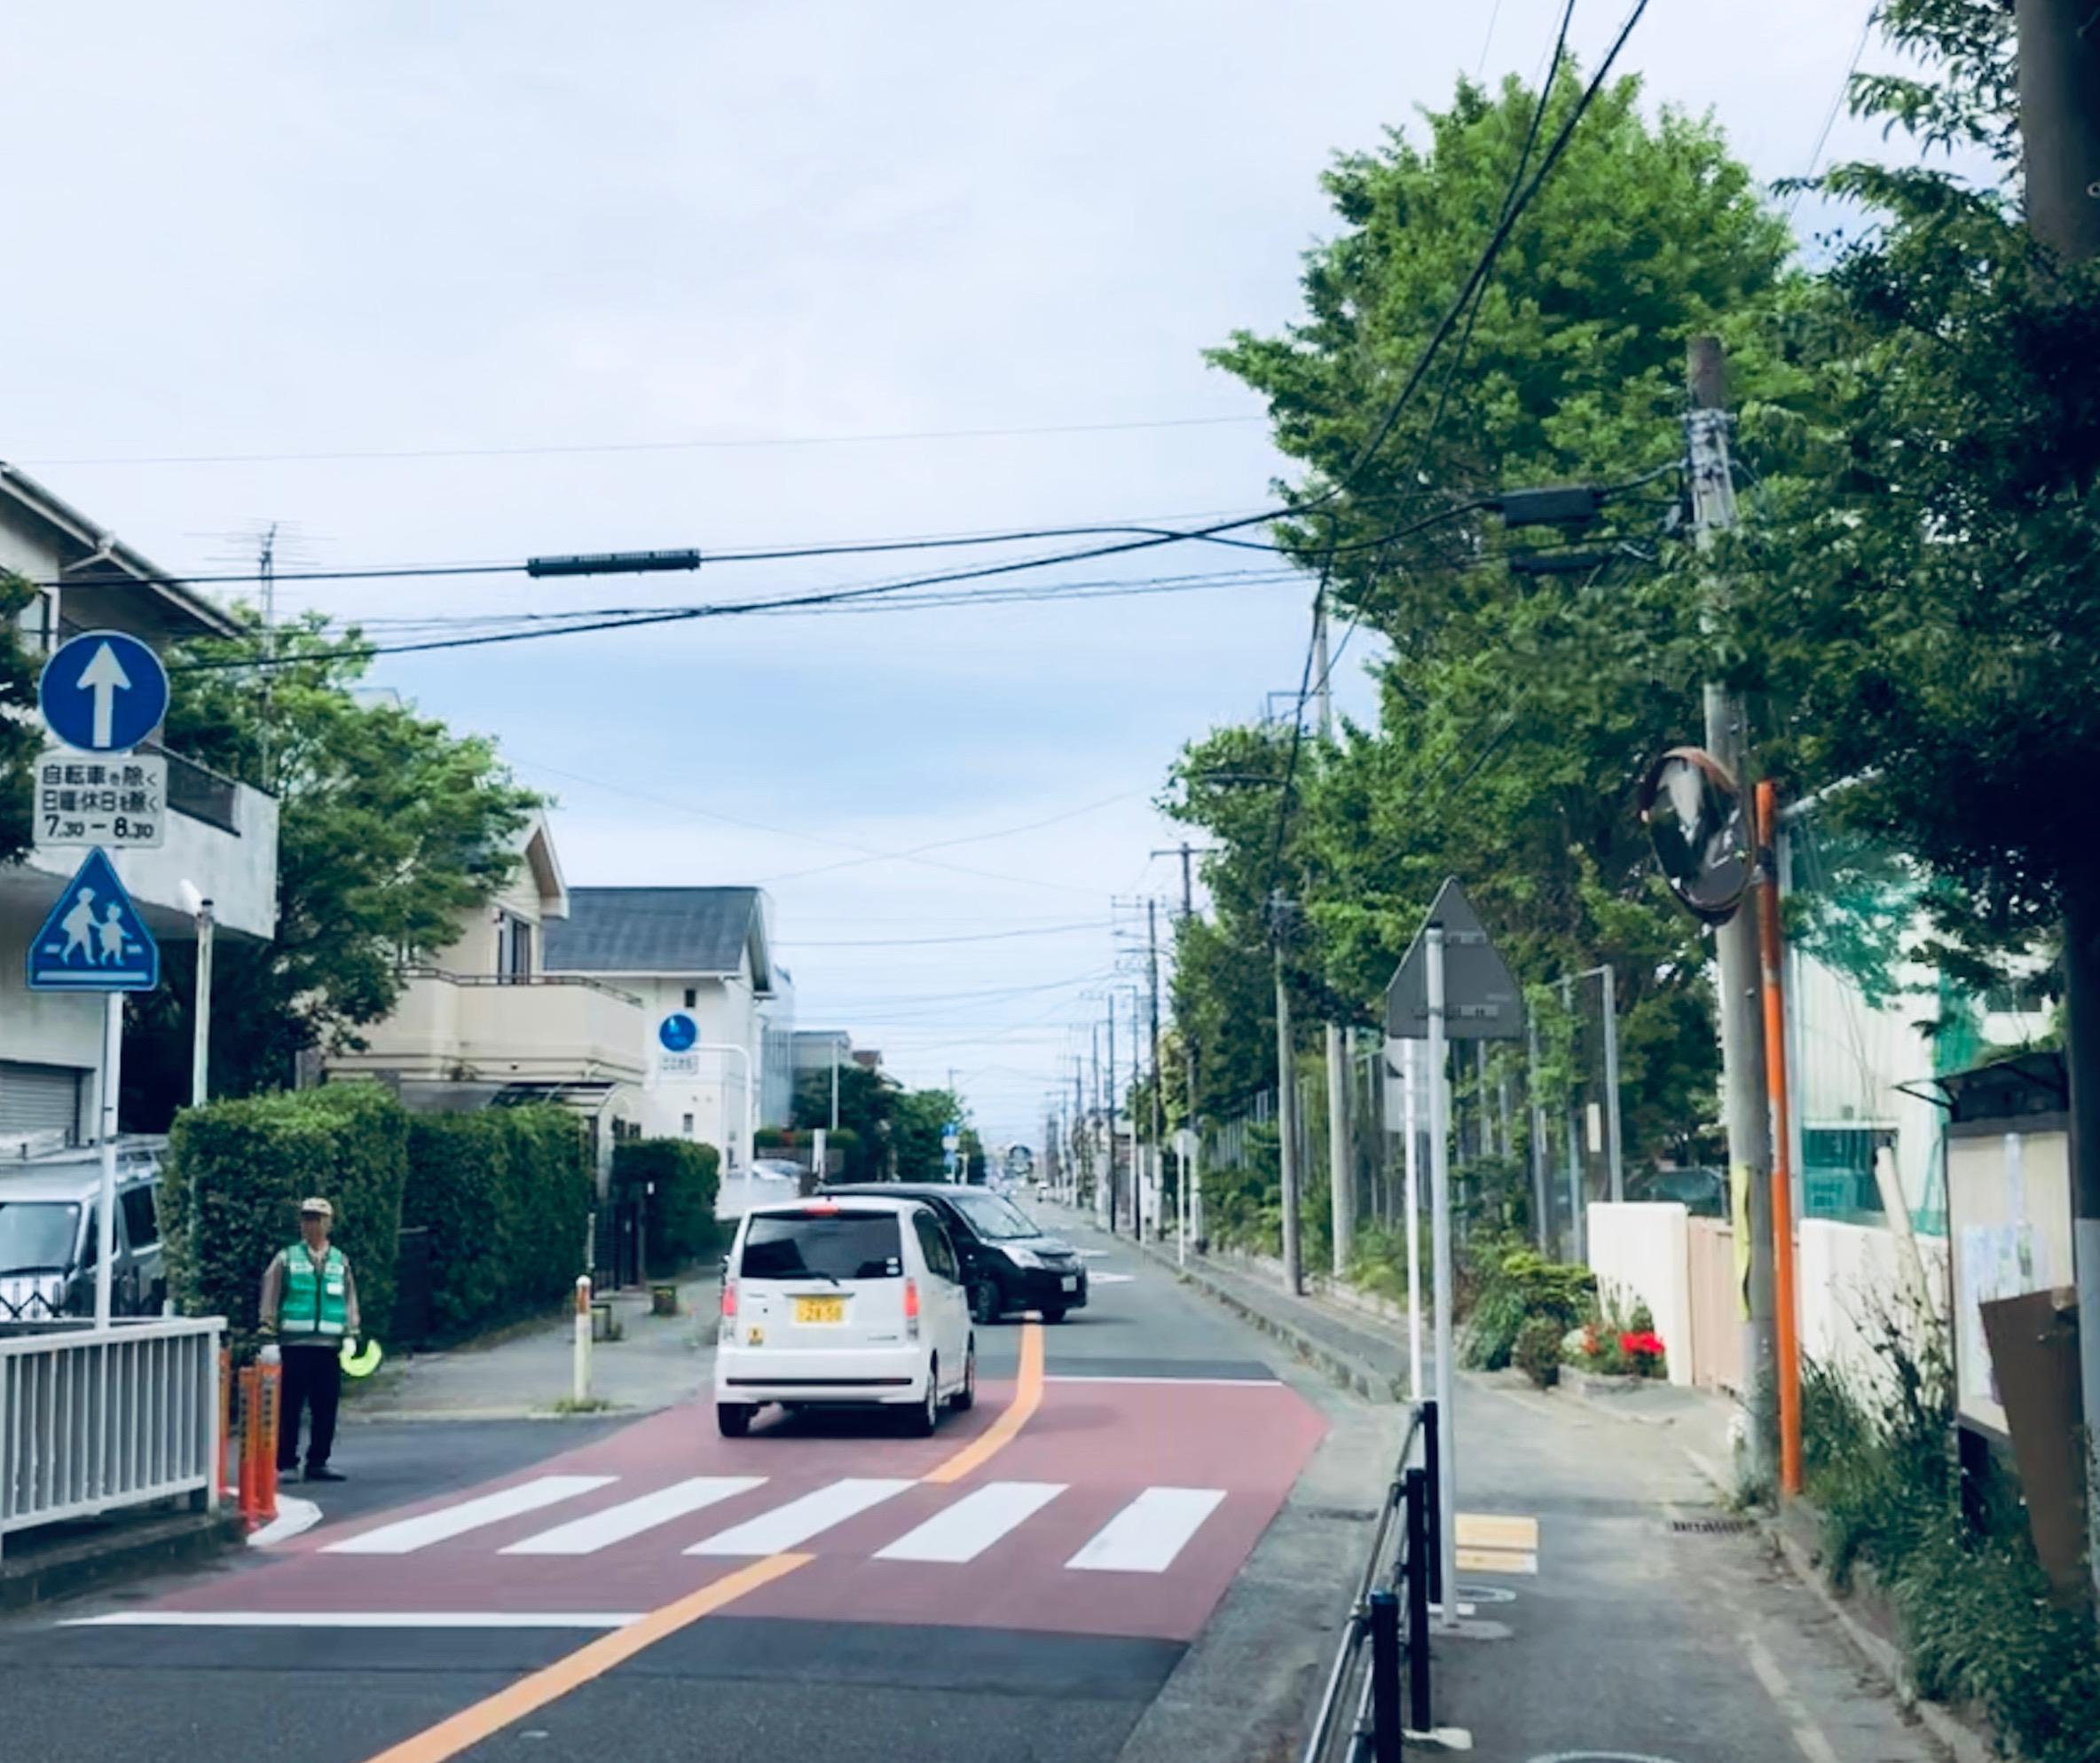 見通しがよいからといって安心できない交差点。